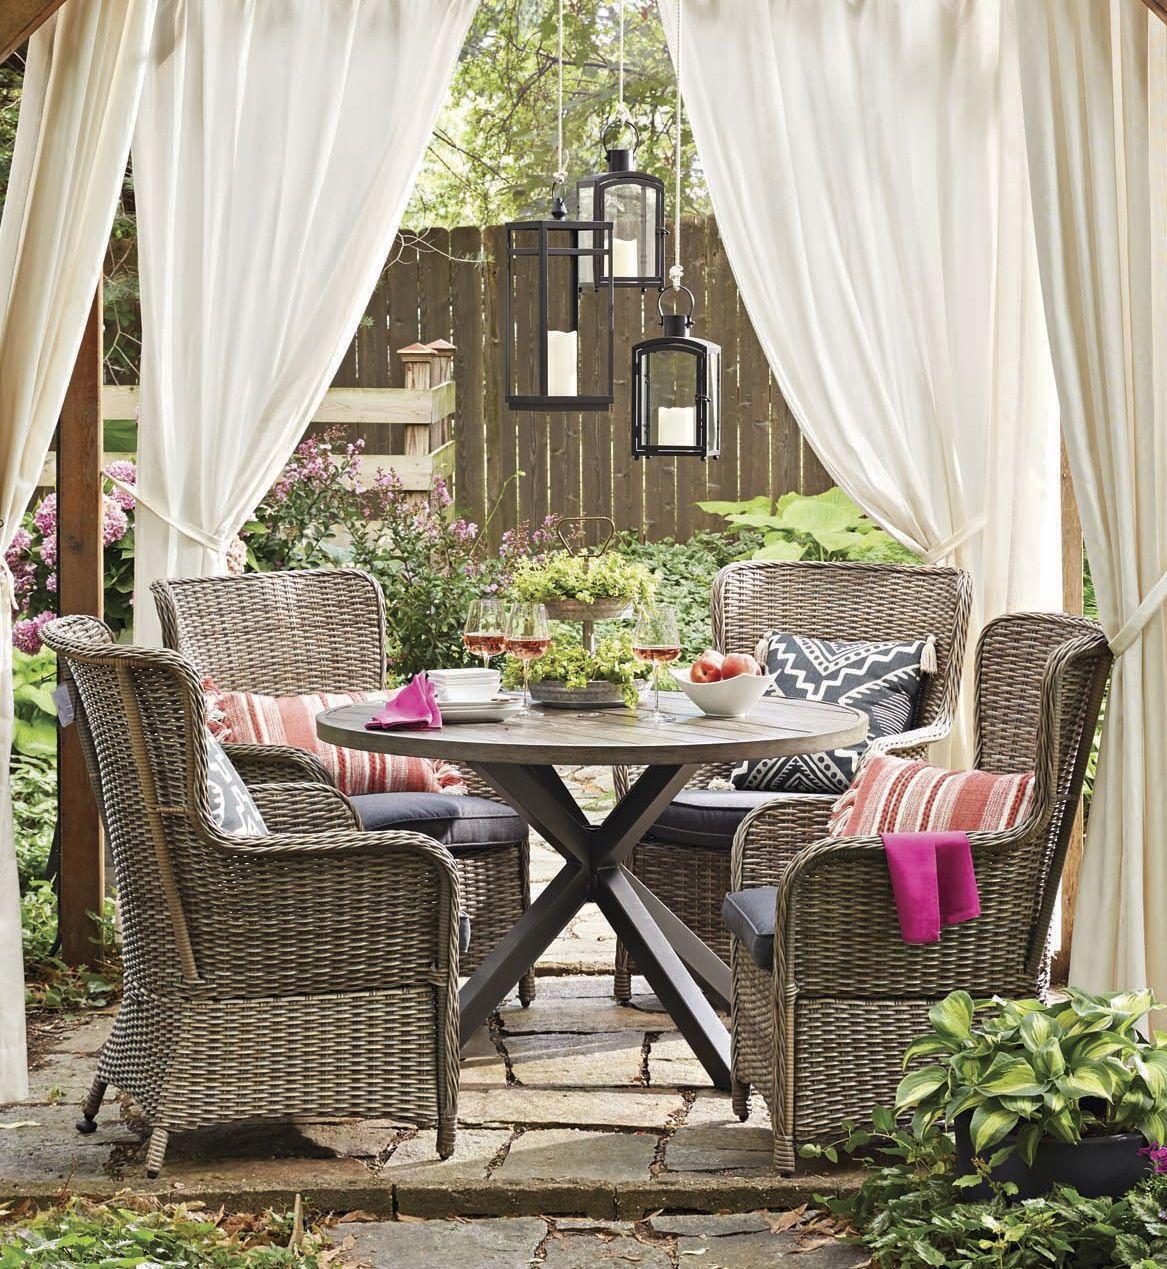 a08e6aad70958fbe591a065e2a1a45f1 - Better And Homes And Gardens Furniture